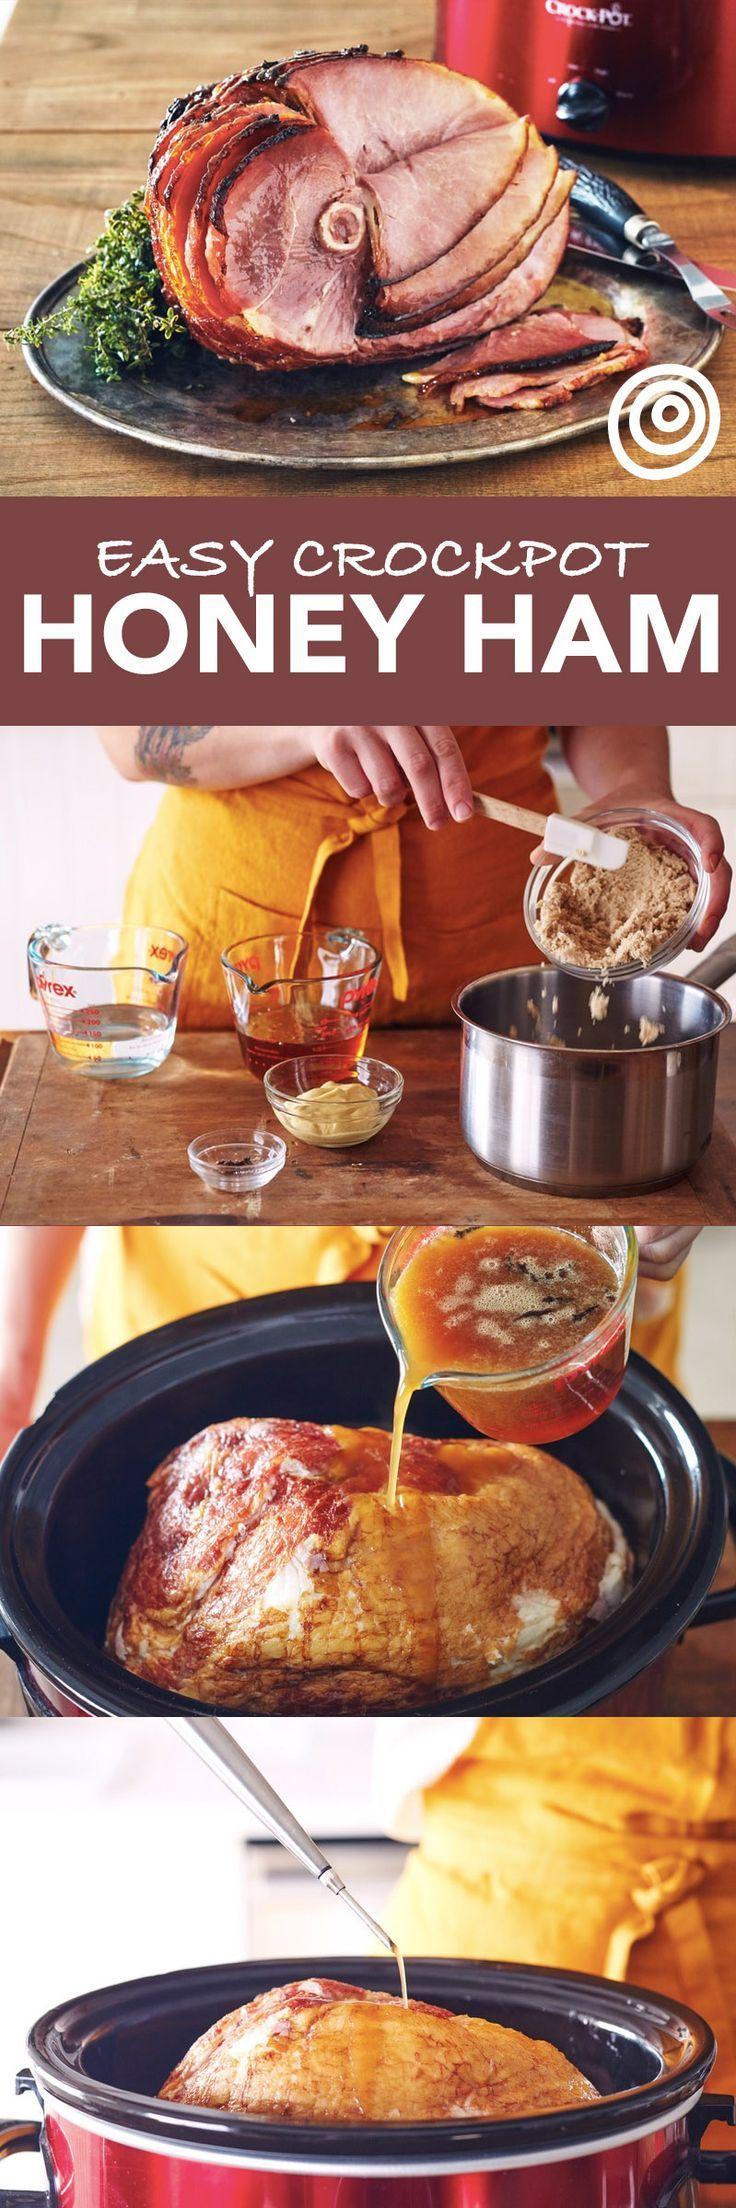 How To Make Honey Ham in the Slow Cooker | Rezept | Rezepte für ...